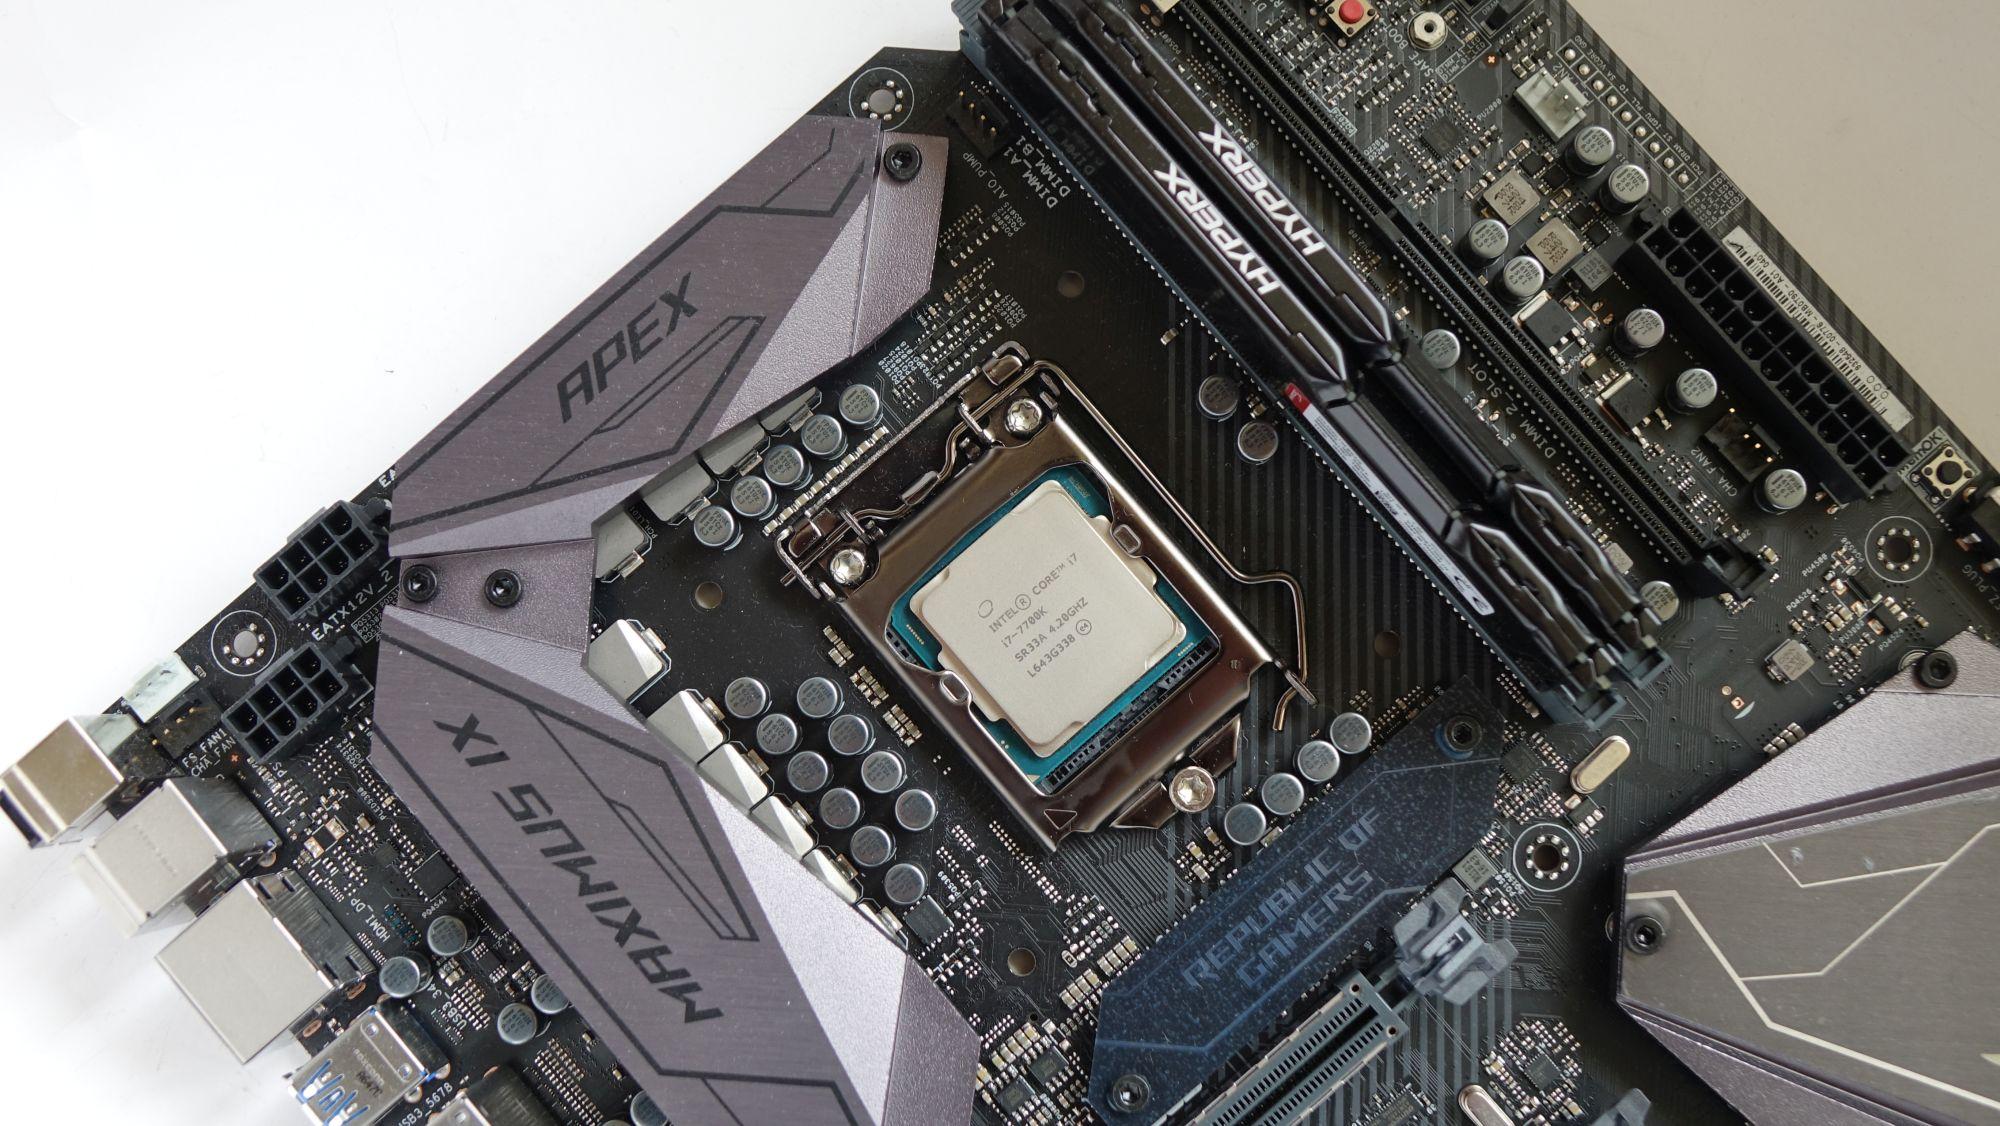 ASUS ROG Maximus IX Apex core i7-7700k